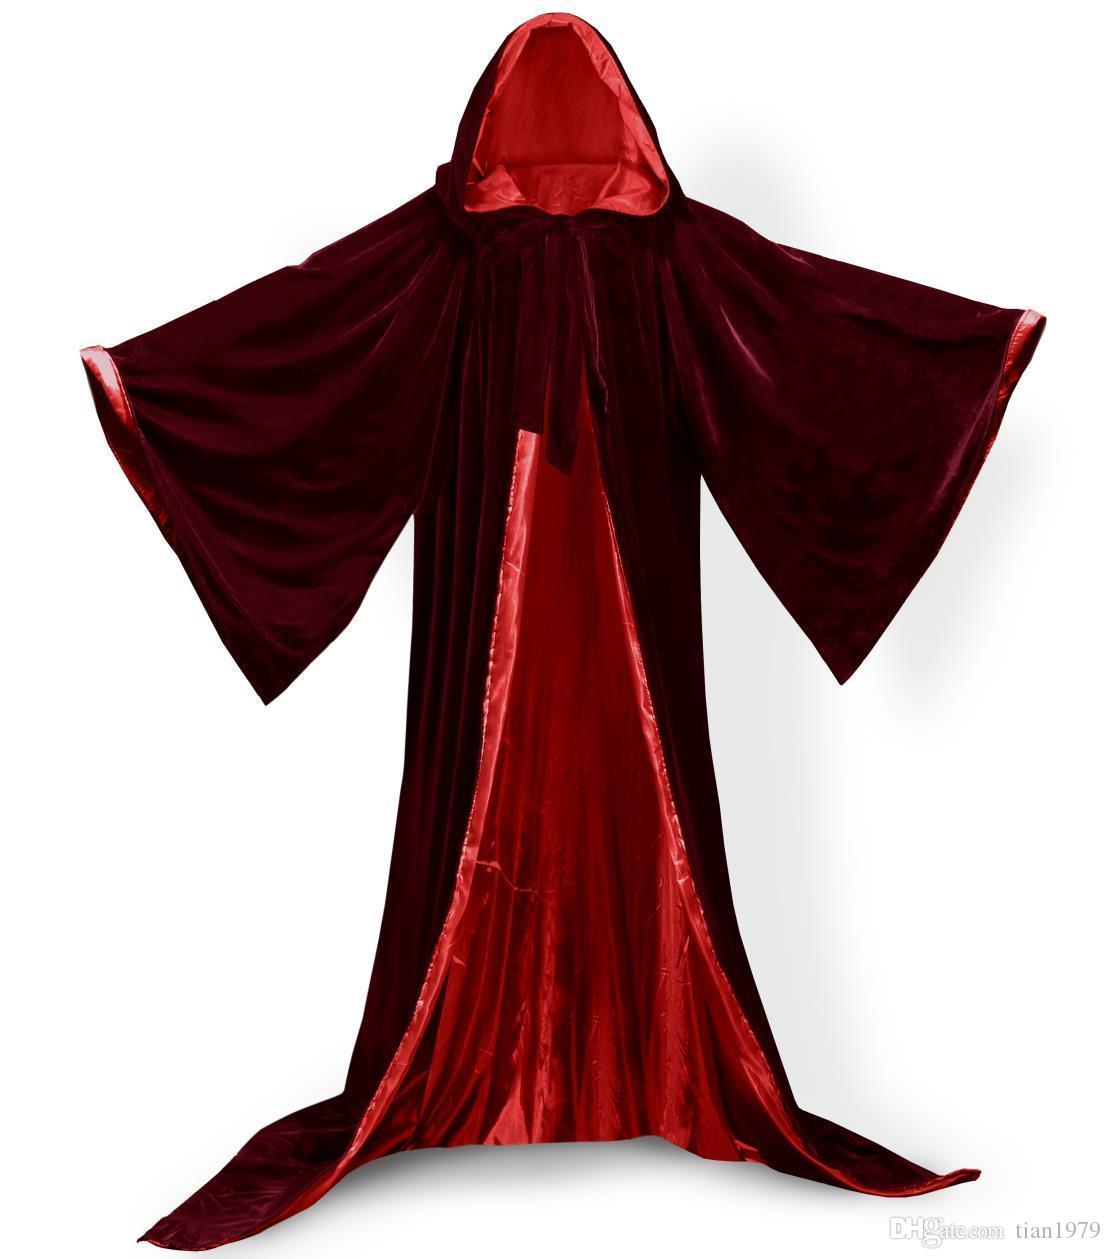 Gothic с капюшоном бархатный плащ готика Wicca халат средневековый колдовство Larp Cape